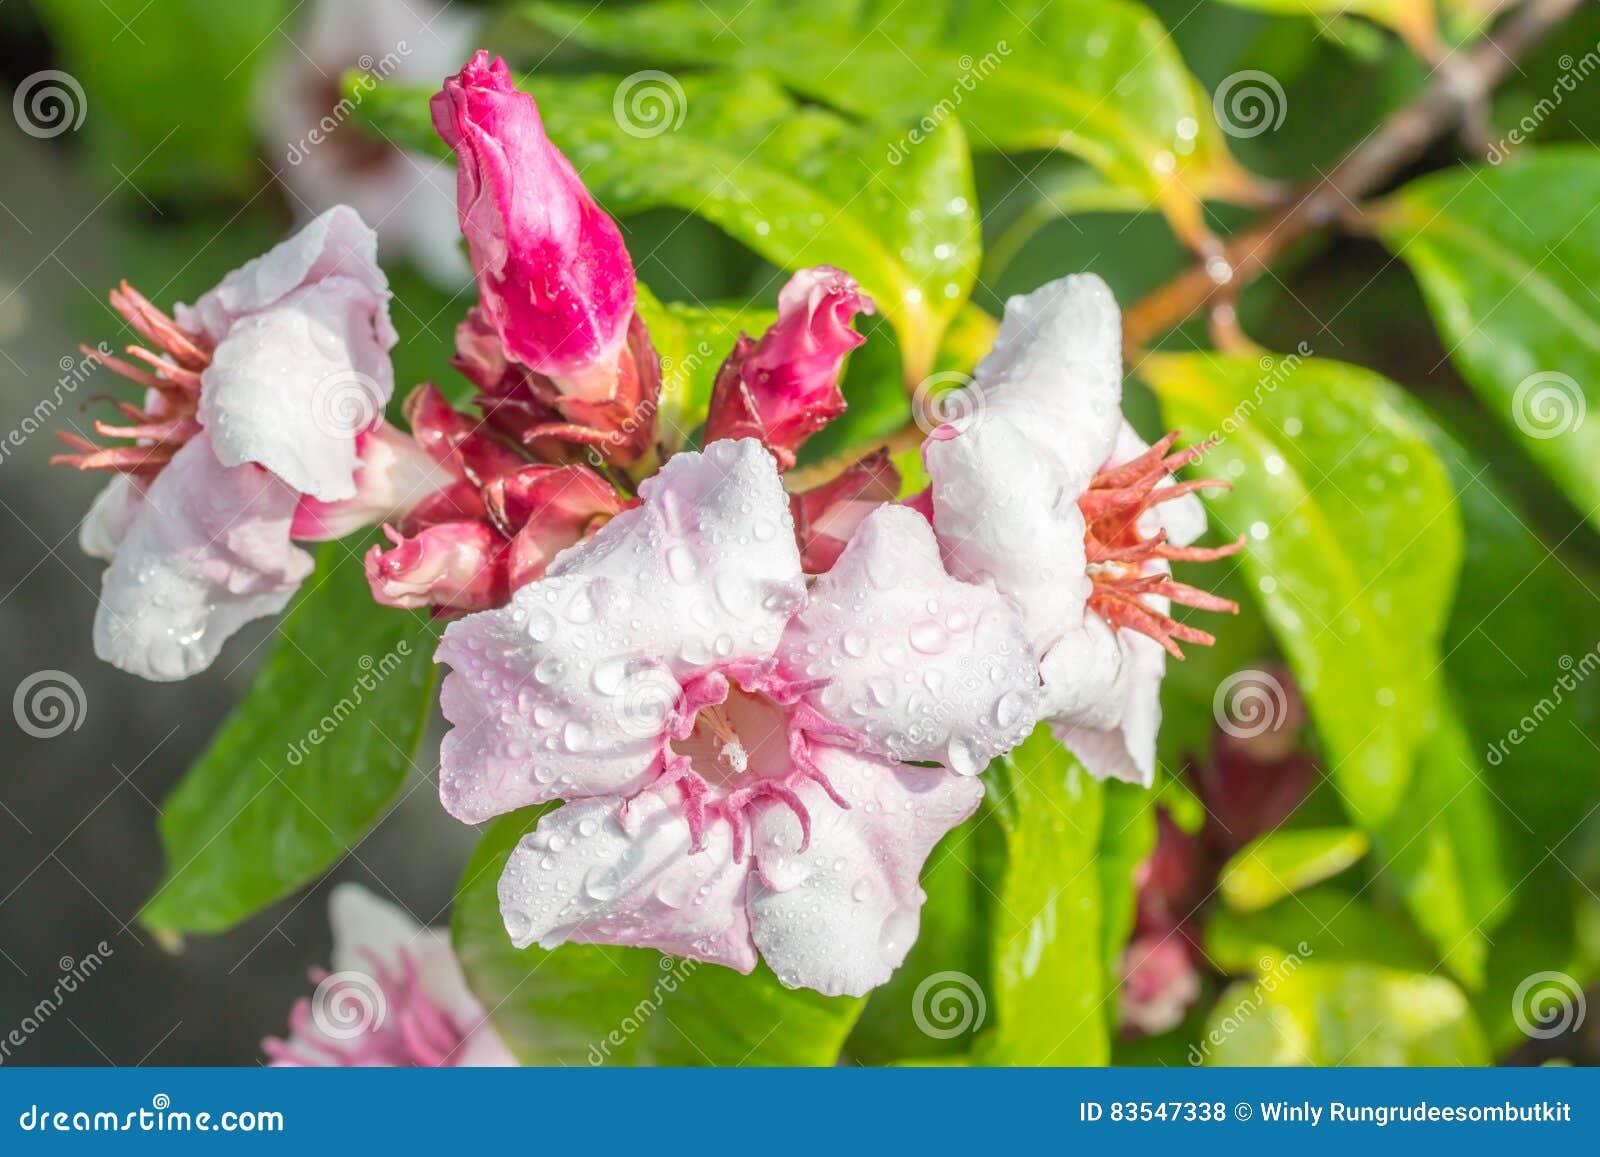 Fiori rosa oleandro rampicante parete di gratus di - Fiori a campanella rossi ...